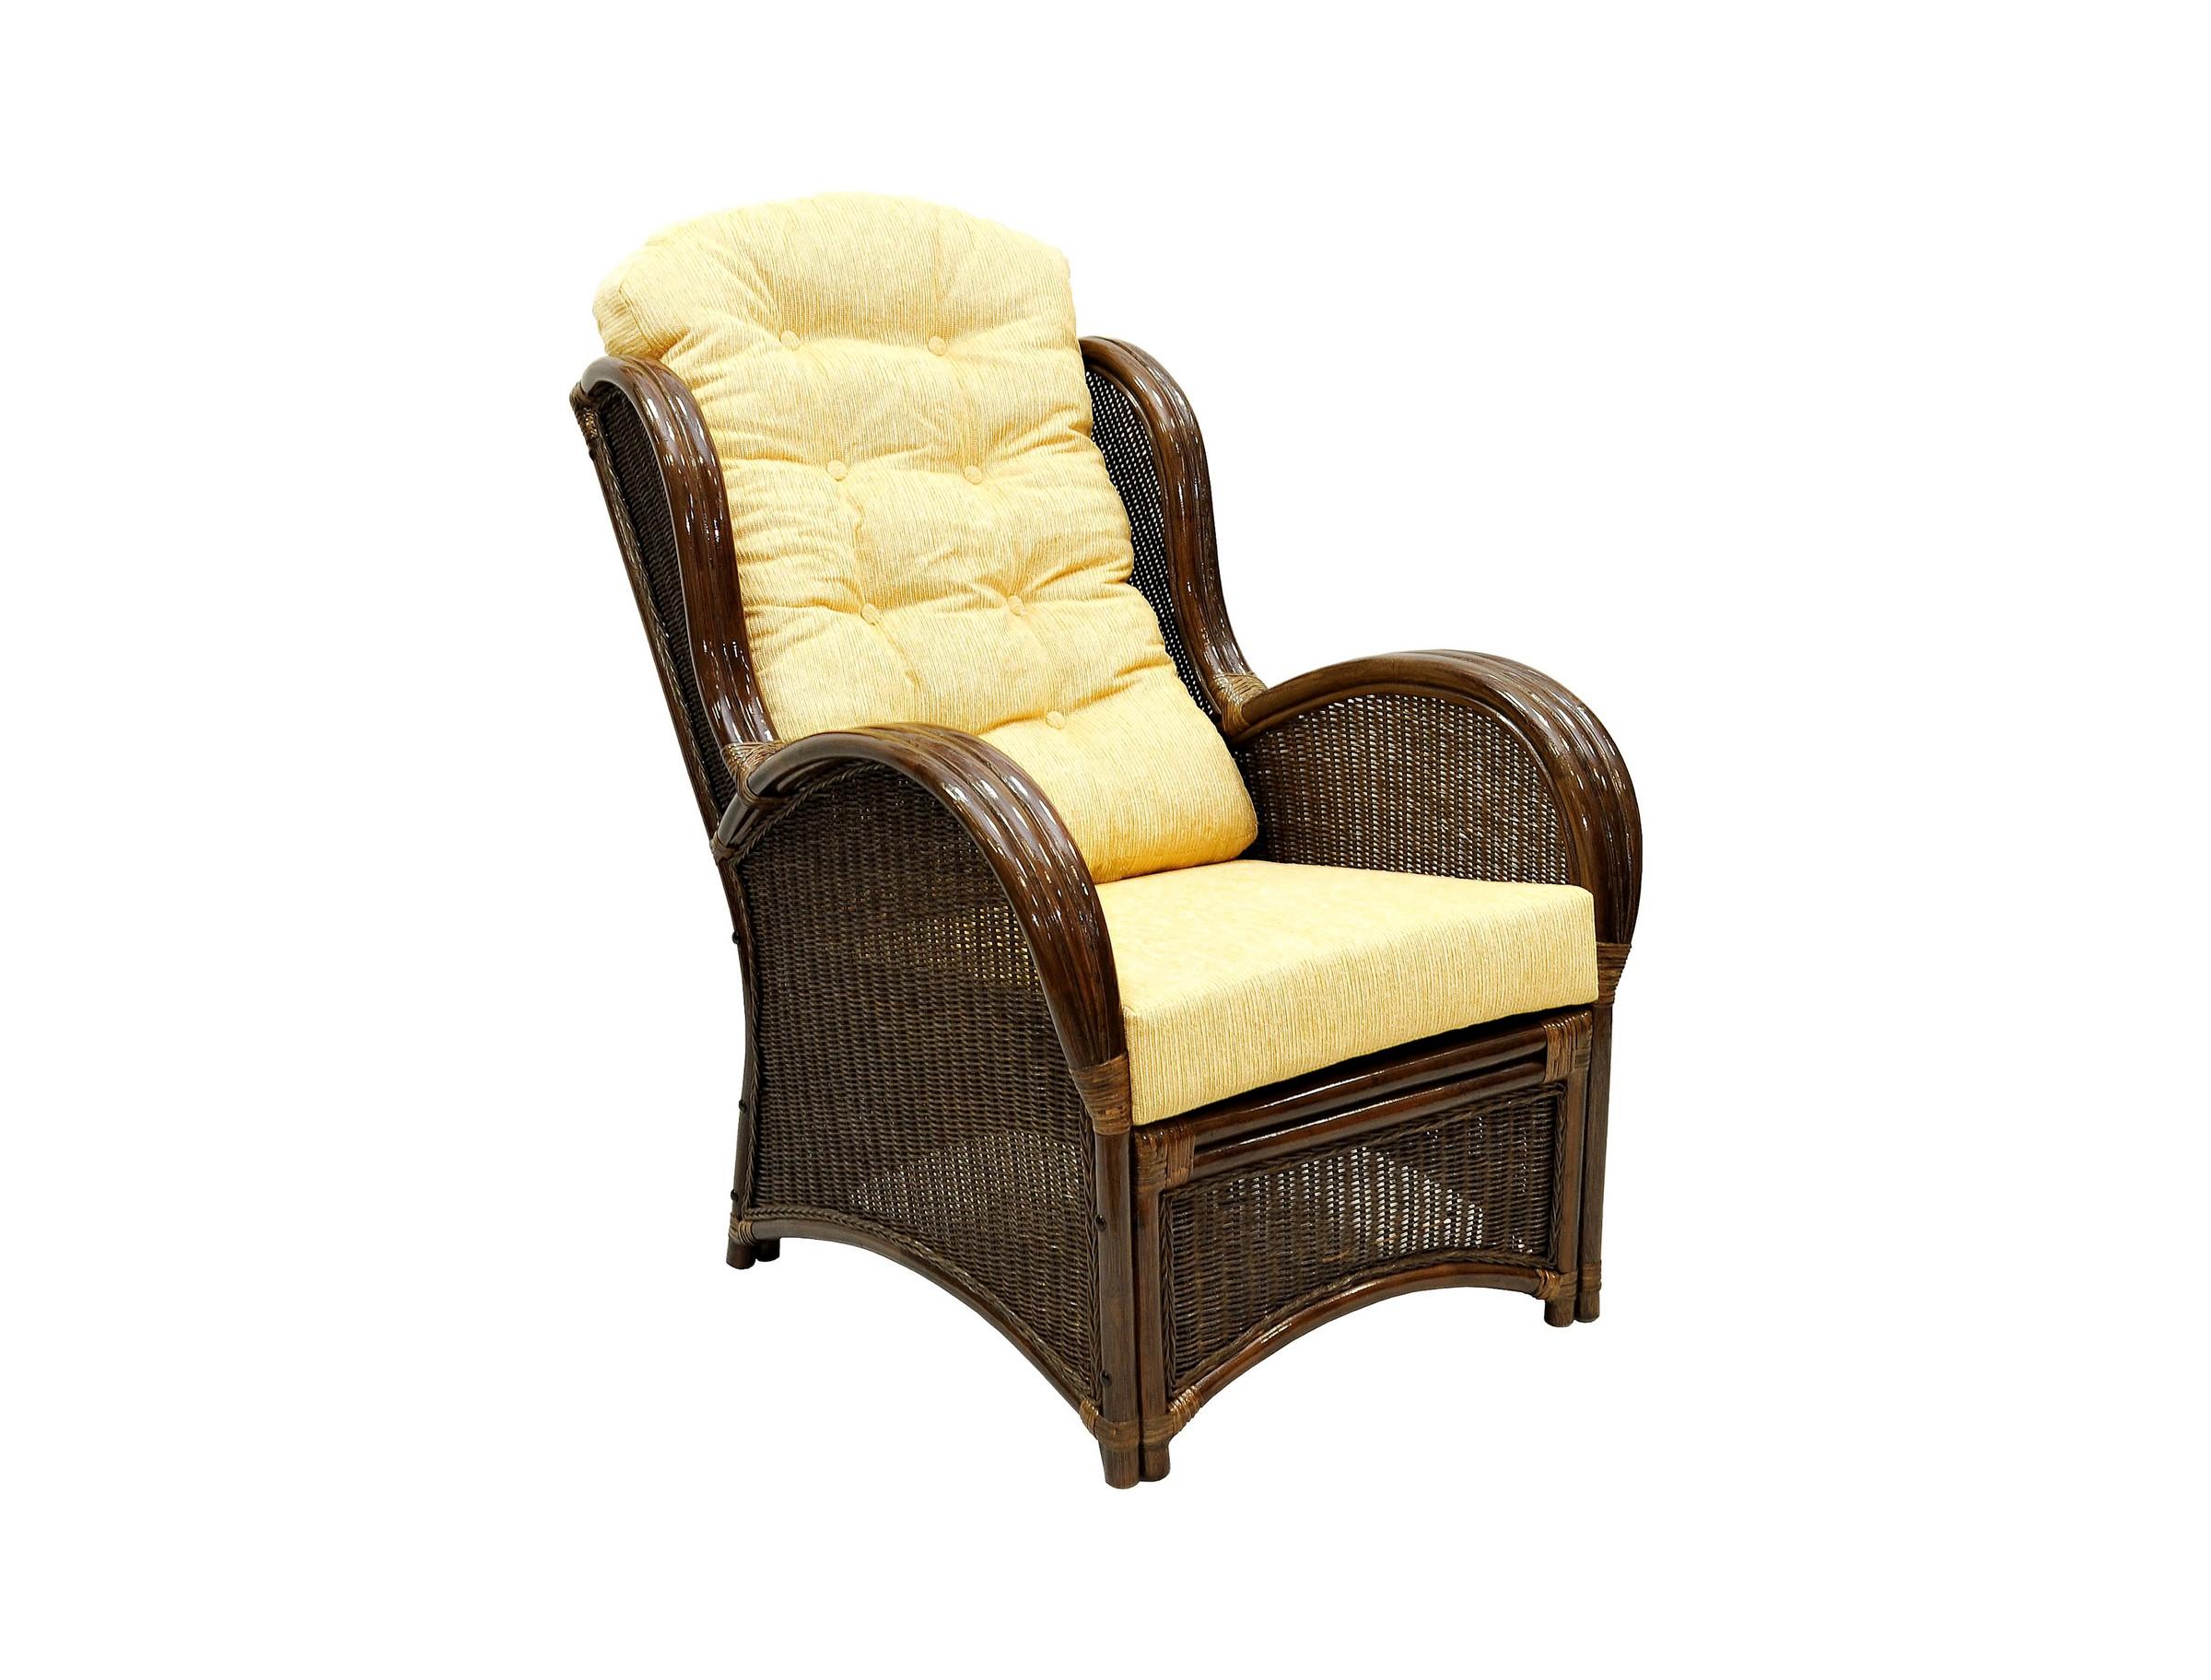 Кресло для отдыха WingКресла и стулья для дачного дома<br>Подлокотники кресла выполнены из соединенных между собой трех стволов ротанга. Боковины и спинку украшает оригинальное плетение из расщепленного ротанга. &amp;amp;nbsp;&amp;lt;div&amp;gt;&amp;lt;br&amp;gt;&amp;lt;/div&amp;gt;&amp;lt;div&amp;gt;Цвет: браун (коричневый)&amp;lt;/div&amp;gt;&amp;lt;div&amp;gt;Материал подушки: шенилл&amp;lt;/div&amp;gt;&amp;lt;div&amp;gt;Вес, кг:  19&amp;lt;/div&amp;gt;&amp;lt;div&amp;gt;Особенности:  сборно-разборная&amp;lt;/div&amp;gt;&amp;lt;div&amp;gt;Выдерживаемая нагрузка, кг:  120&amp;lt;/div&amp;gt;<br><br>Material: Ротанг<br>Width см: 72<br>Depth см: 101<br>Height см: 102